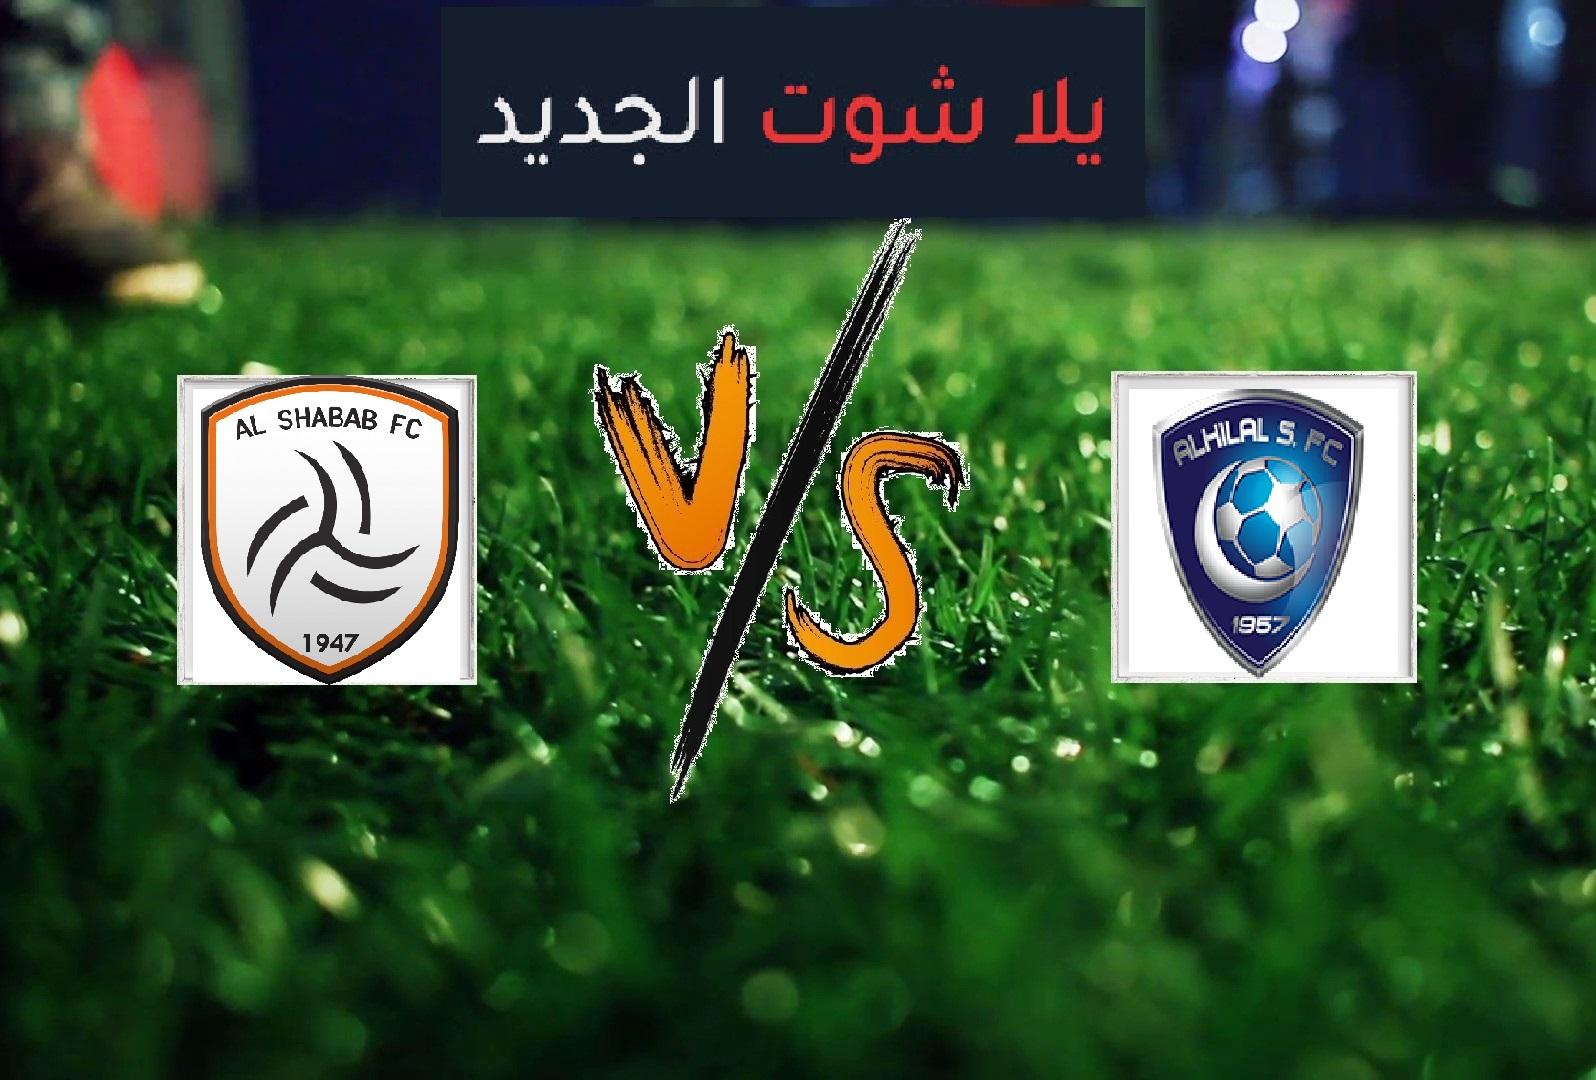 ملخص مباراة الهلال والشباب اليوم الخميس بتاريخ 16-05-2019 الدوري السعودي